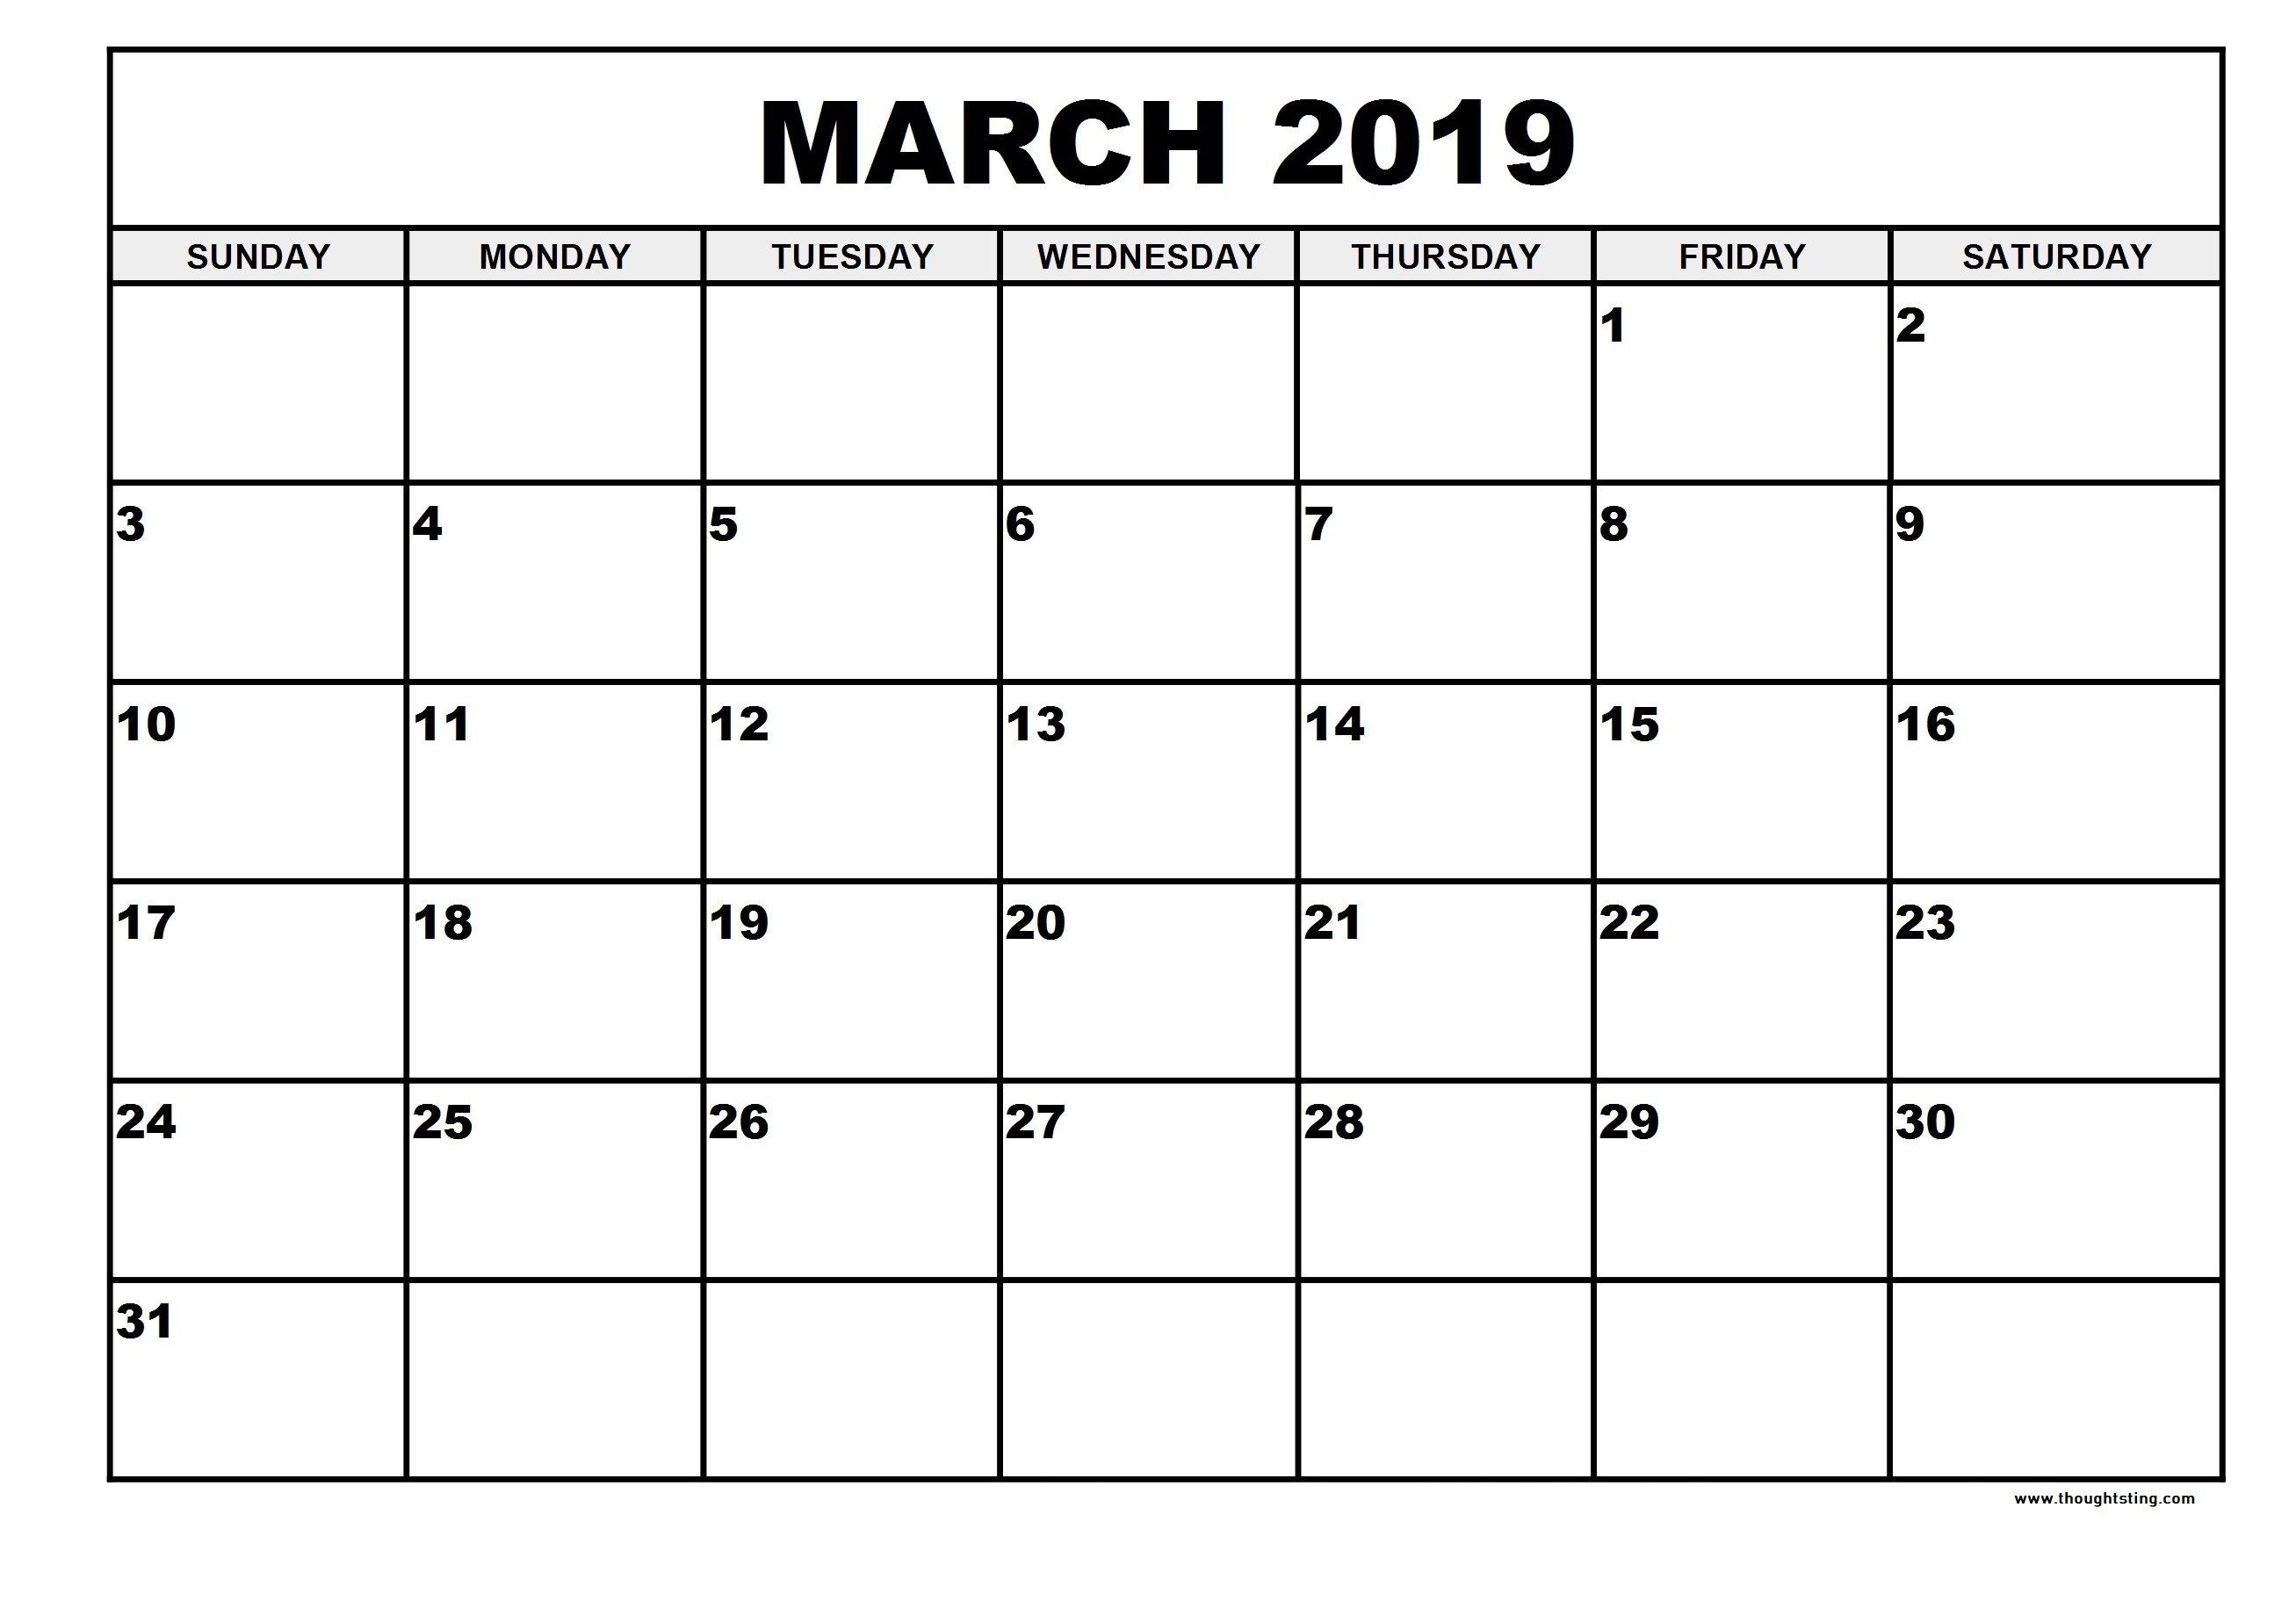 Free Printable March 2019 Calendar Portrait, Landscape – Free March 1 2019 Calendar